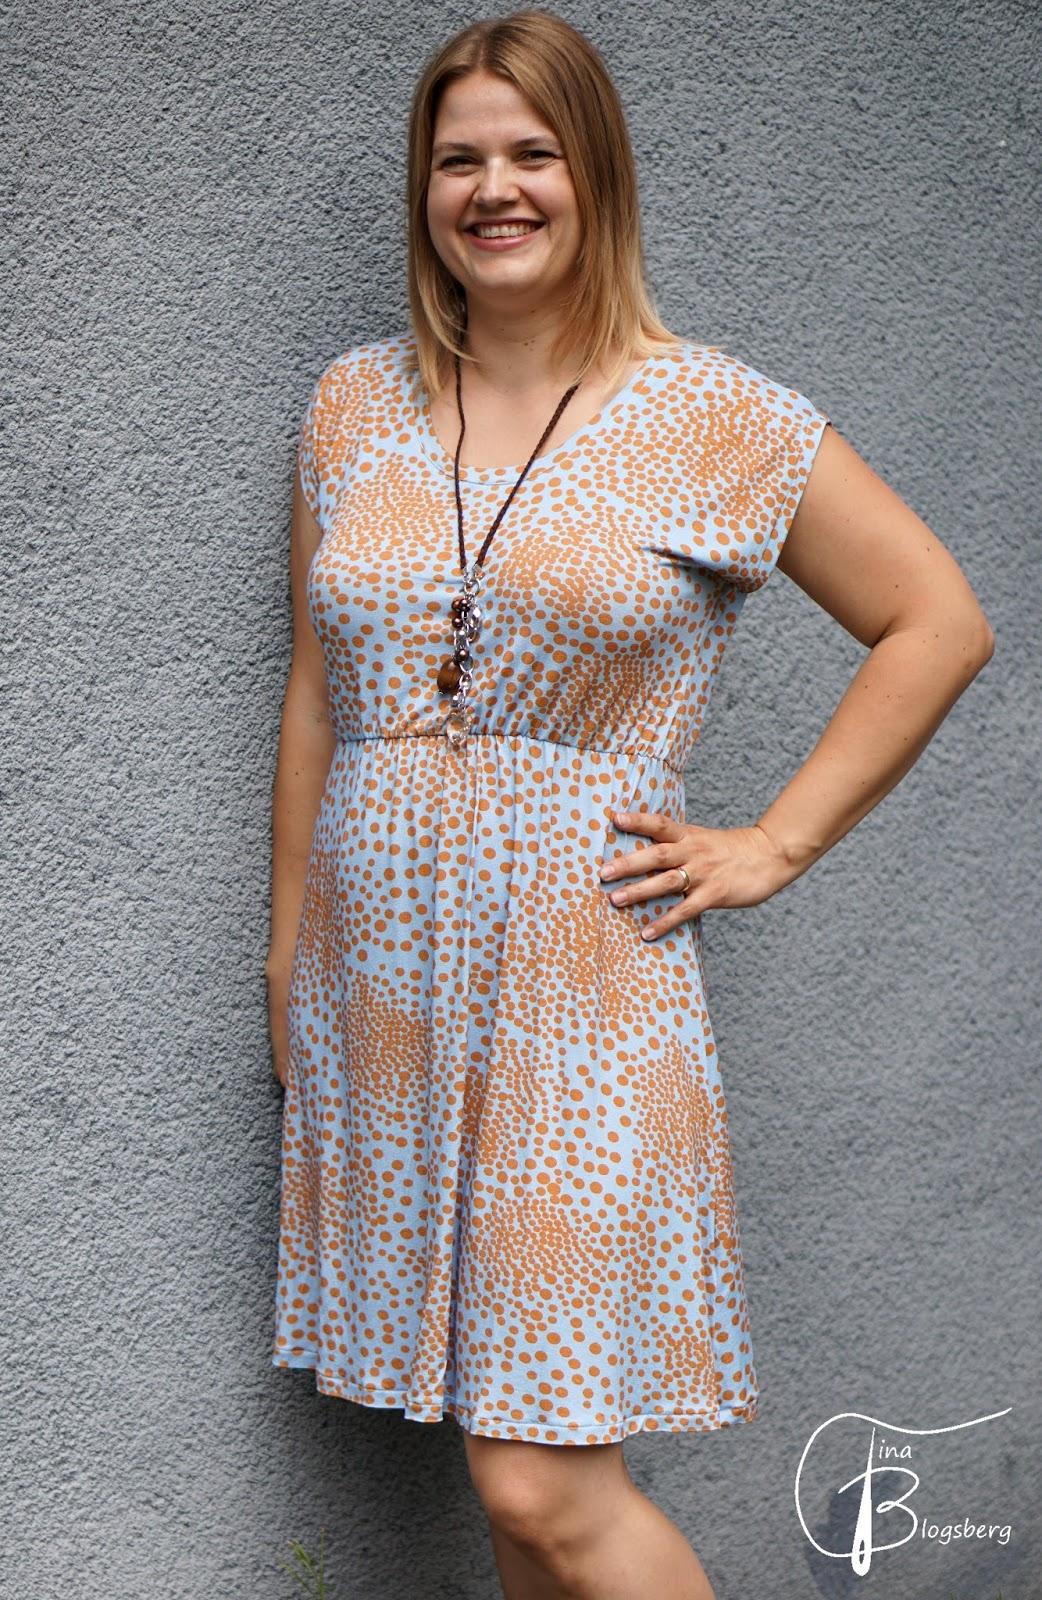 Tina Blogsberg: Muttis Kleid